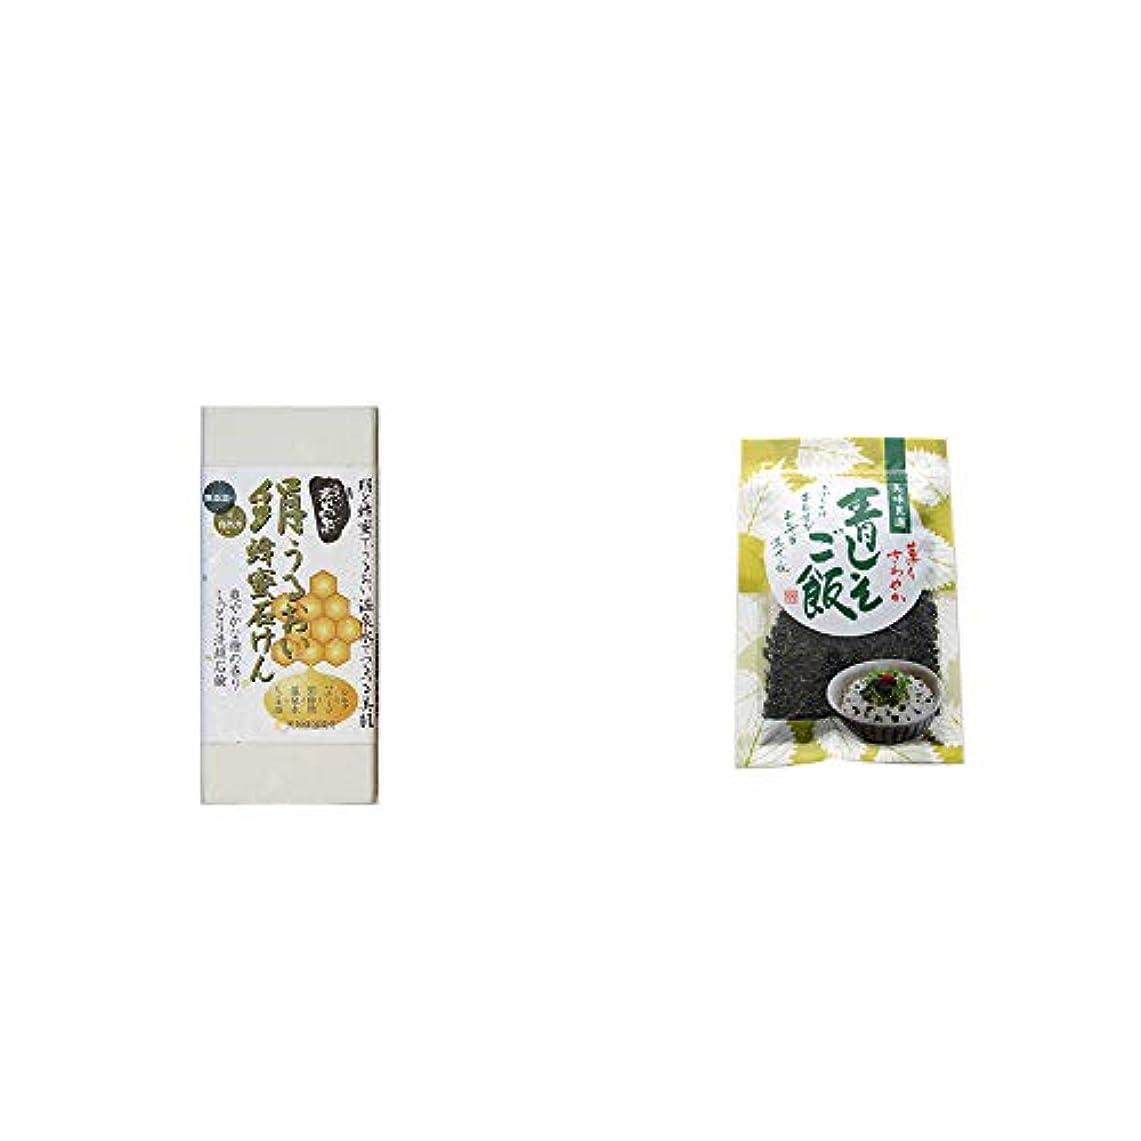 バーター気がついて立ち向かう[2点セット] ひのき炭黒泉 絹うるおい蜂蜜石けん(75g×2)?薫りさわやか 青しそご飯(80g)